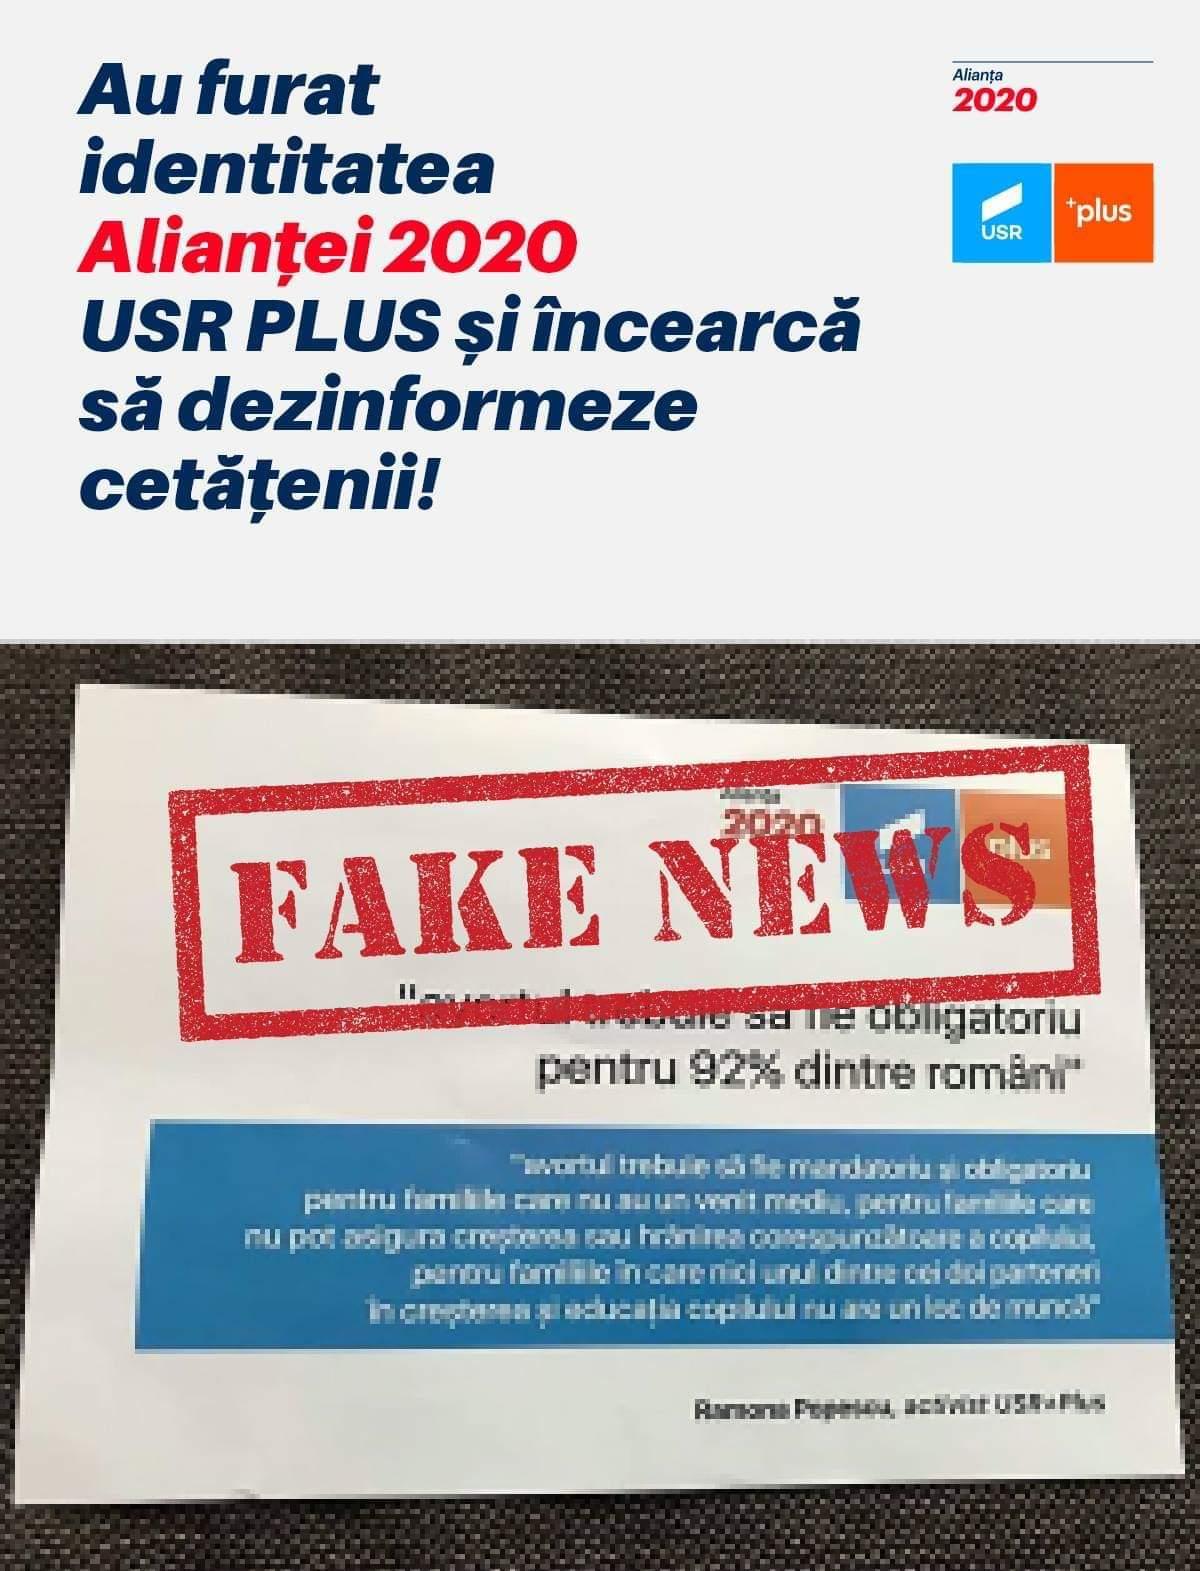 Manipulare și fake news! Alianța USR-PLUS atacată cu pliante electorale mincinoase și FALSE în cutiile poștale ale clujenilor!